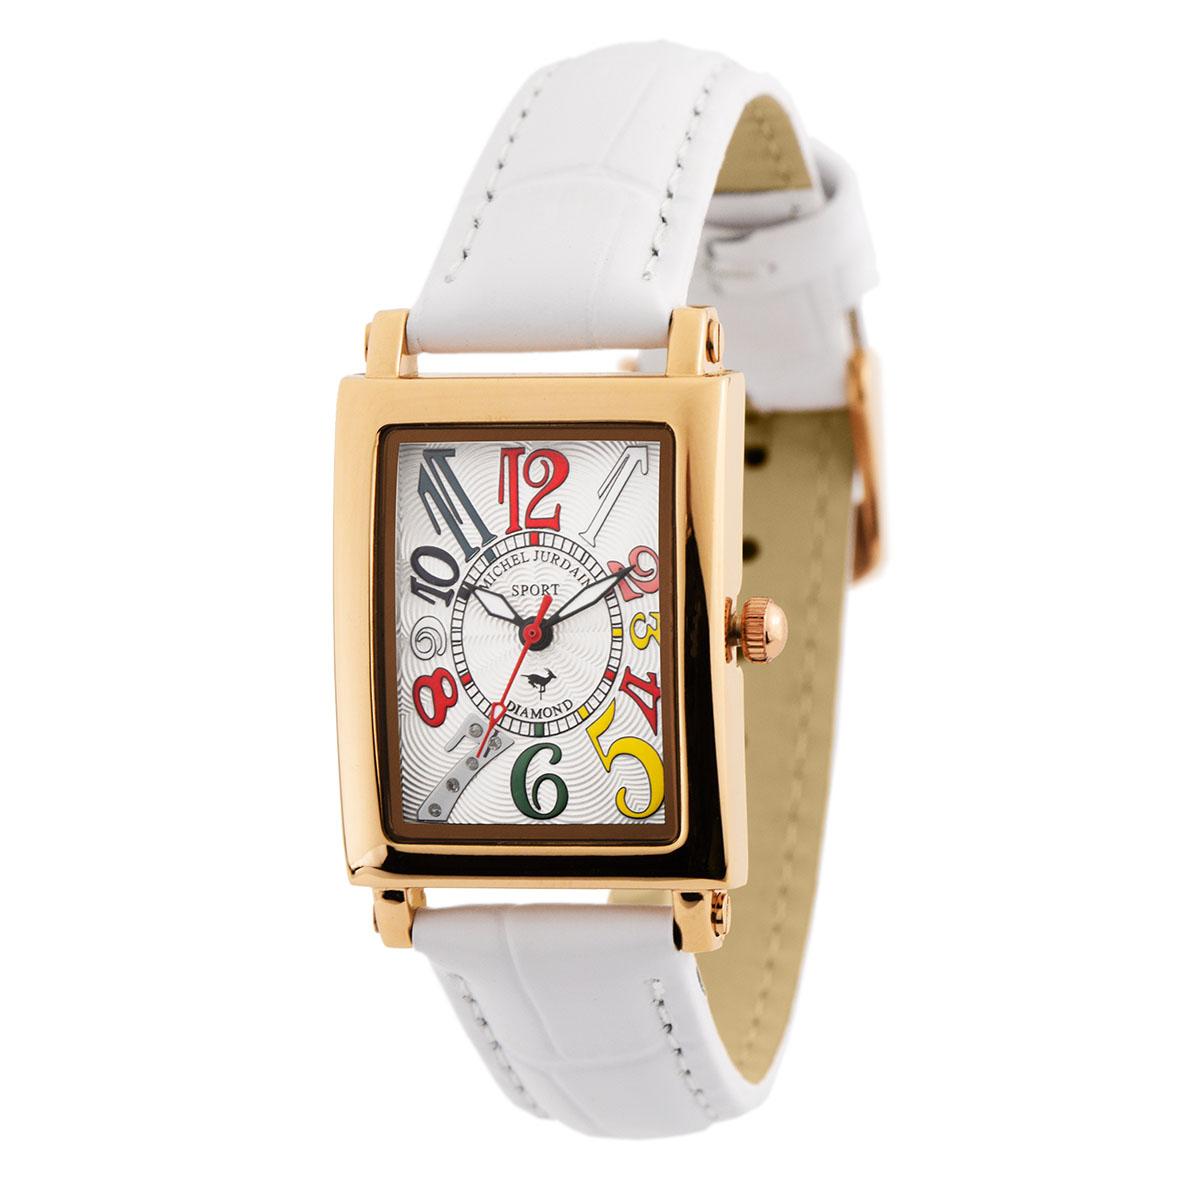 ミッシェル・ジョルダン MICHEL JURDAIN SPORTダイヤモンド SL-3000-6PG ユニセックス 時計 腕時計 クオーツ